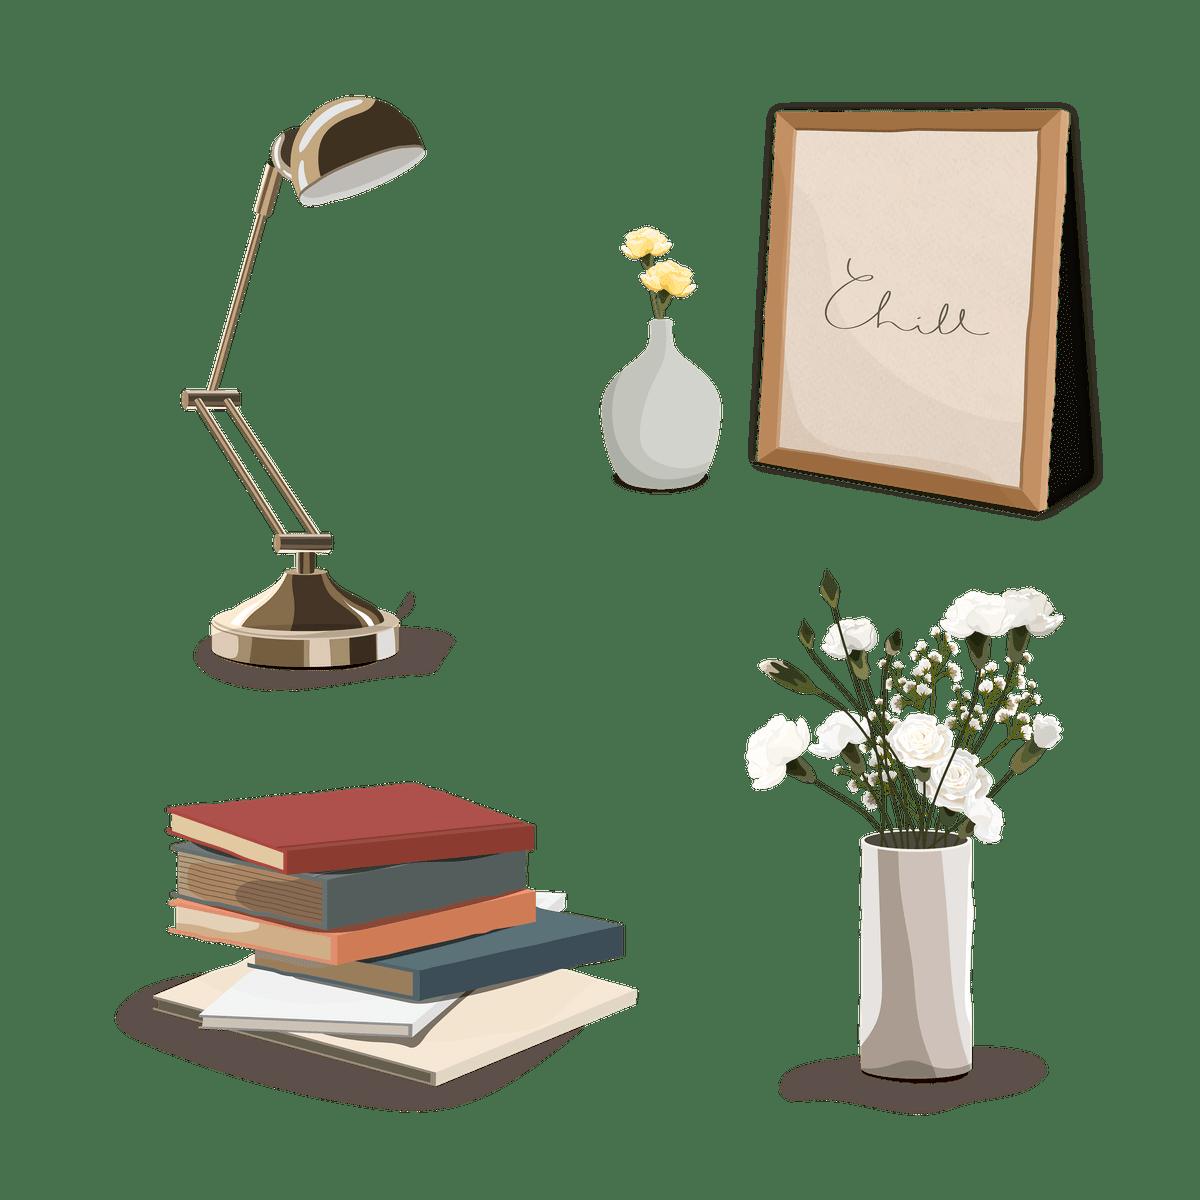 tous les outils pour travailler son français : une lampe, des livres et des fleurs